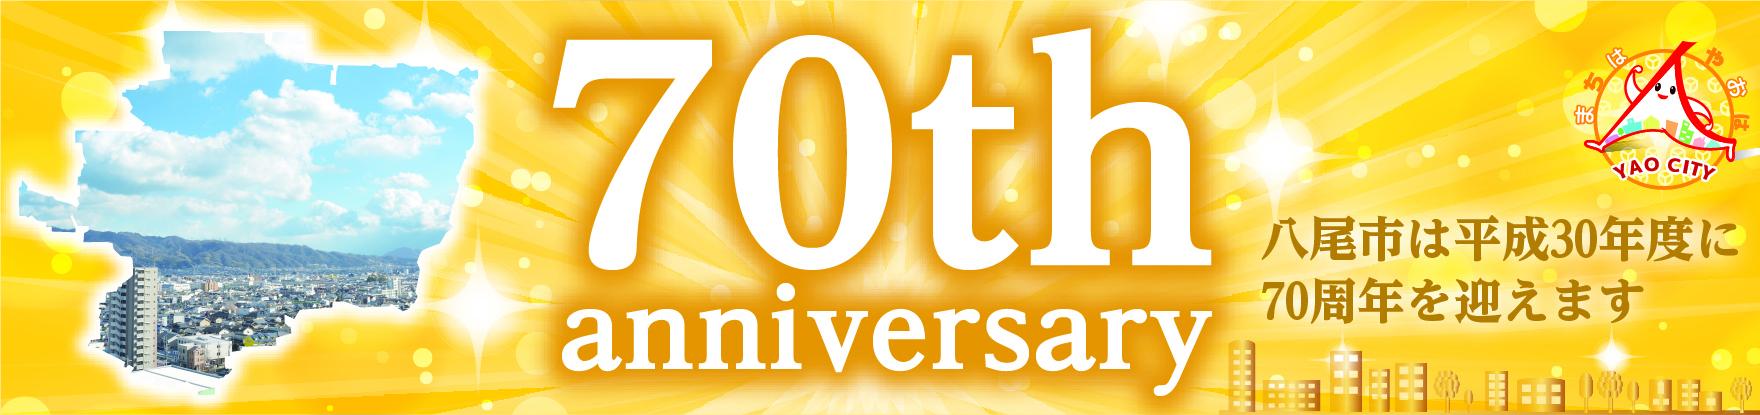 八尾市制施行70周年・中核市移行記念イベント参加のお知らせ♪